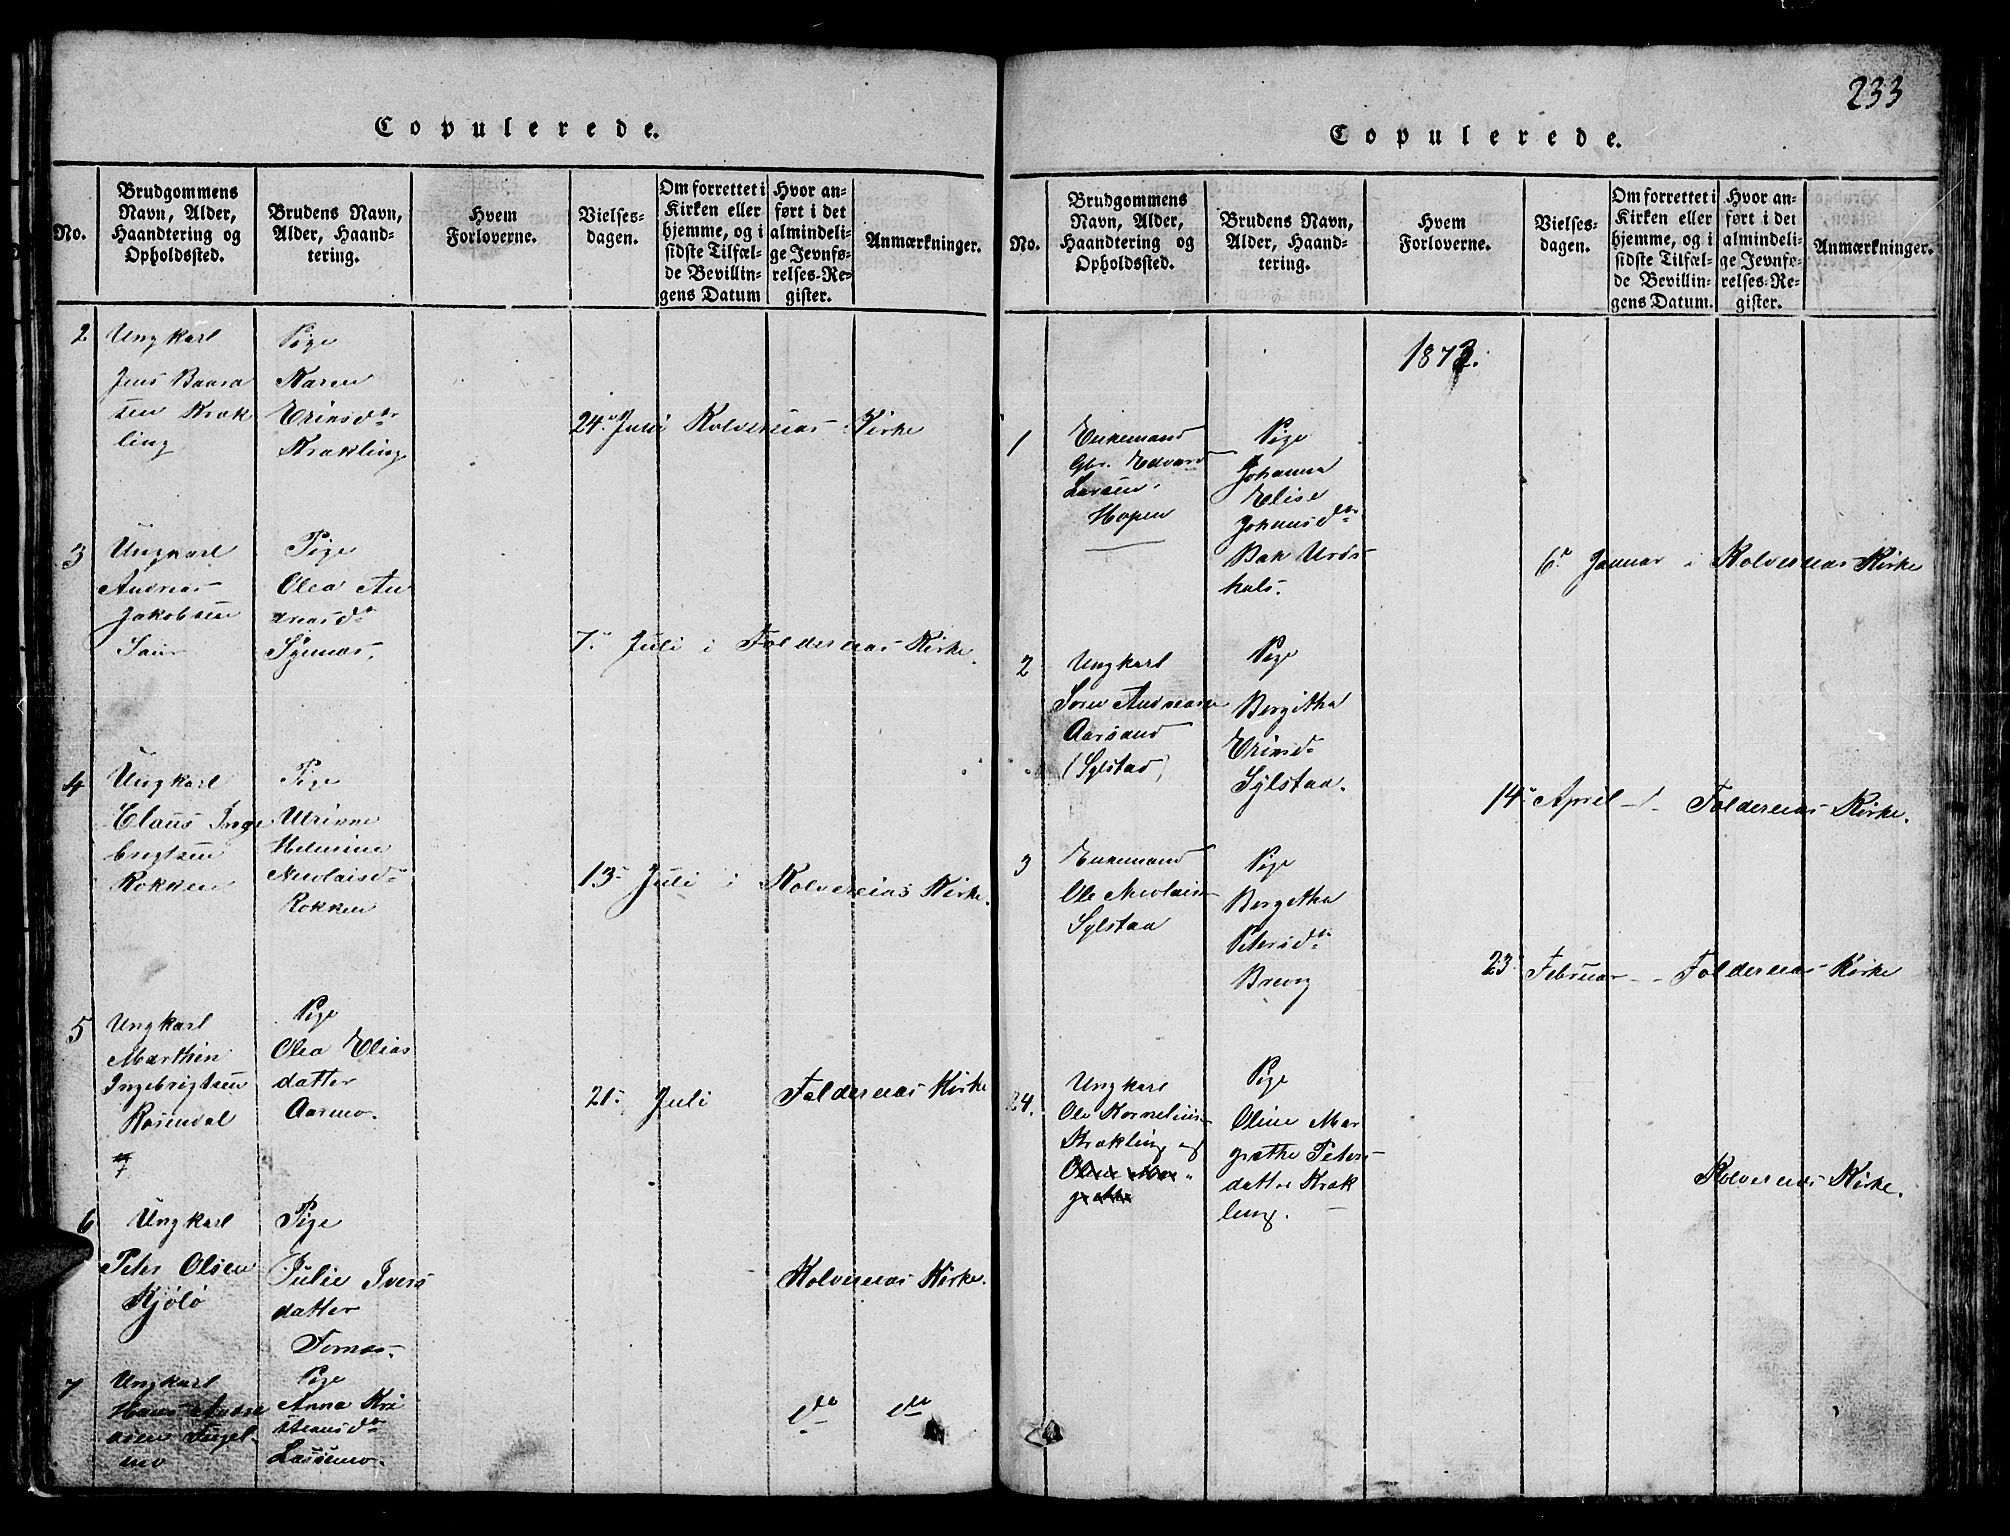 SAT, Ministerialprotokoller, klokkerbøker og fødselsregistre - Nord-Trøndelag, 780/L0648: Klokkerbok nr. 780C01 /3, 1815-1877, s. 233